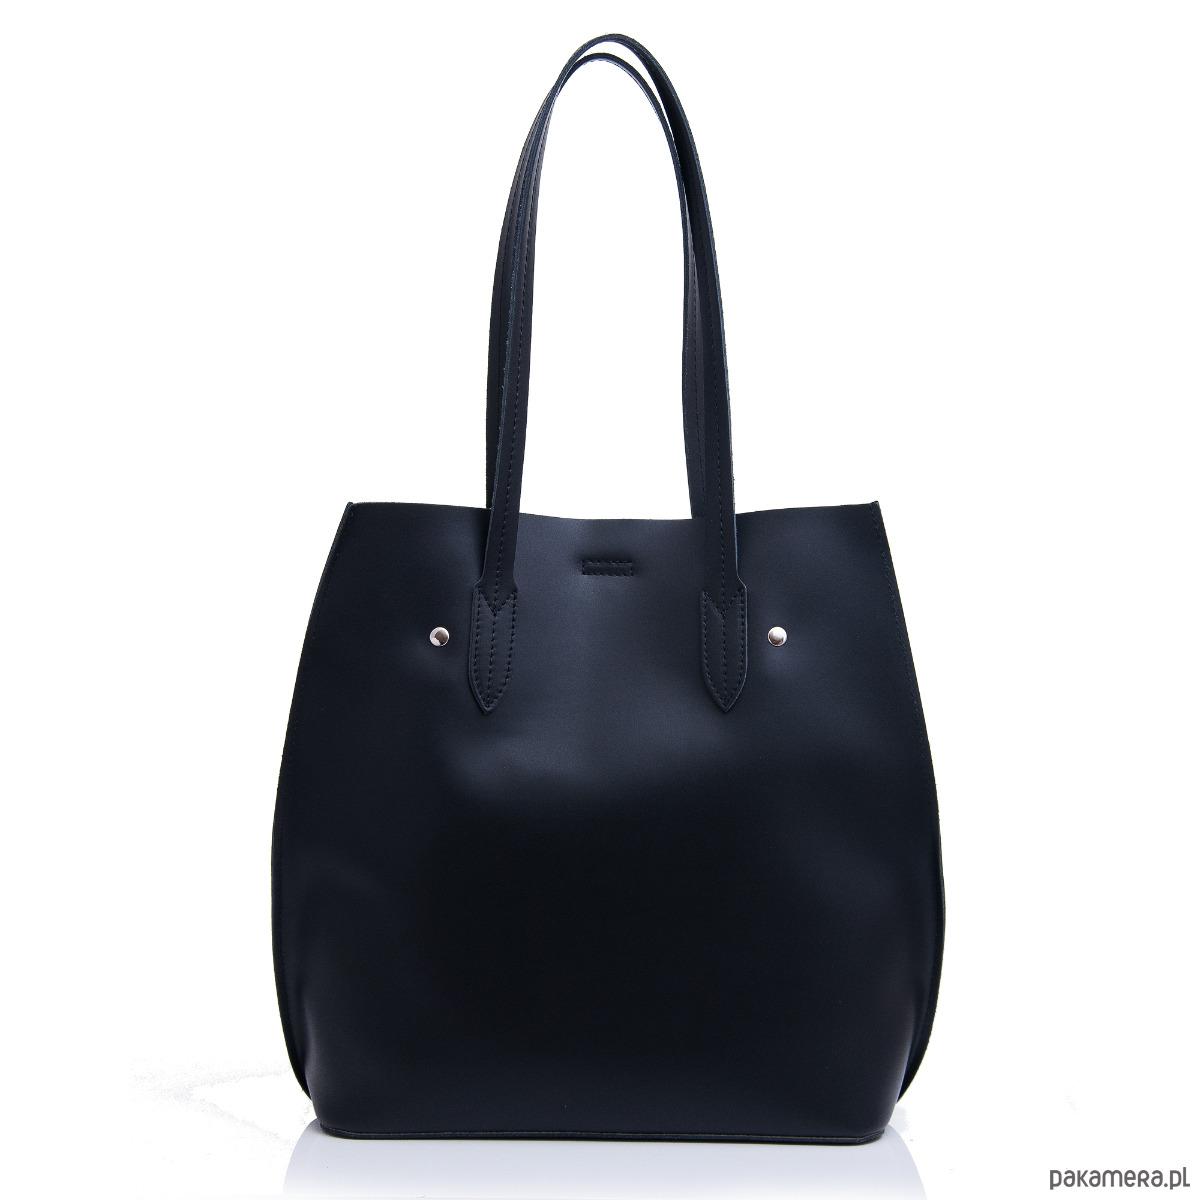 341f84344ce2a Czarna torebka damska skórzana na ramię. - torebki do ręki - Pakamera.pl